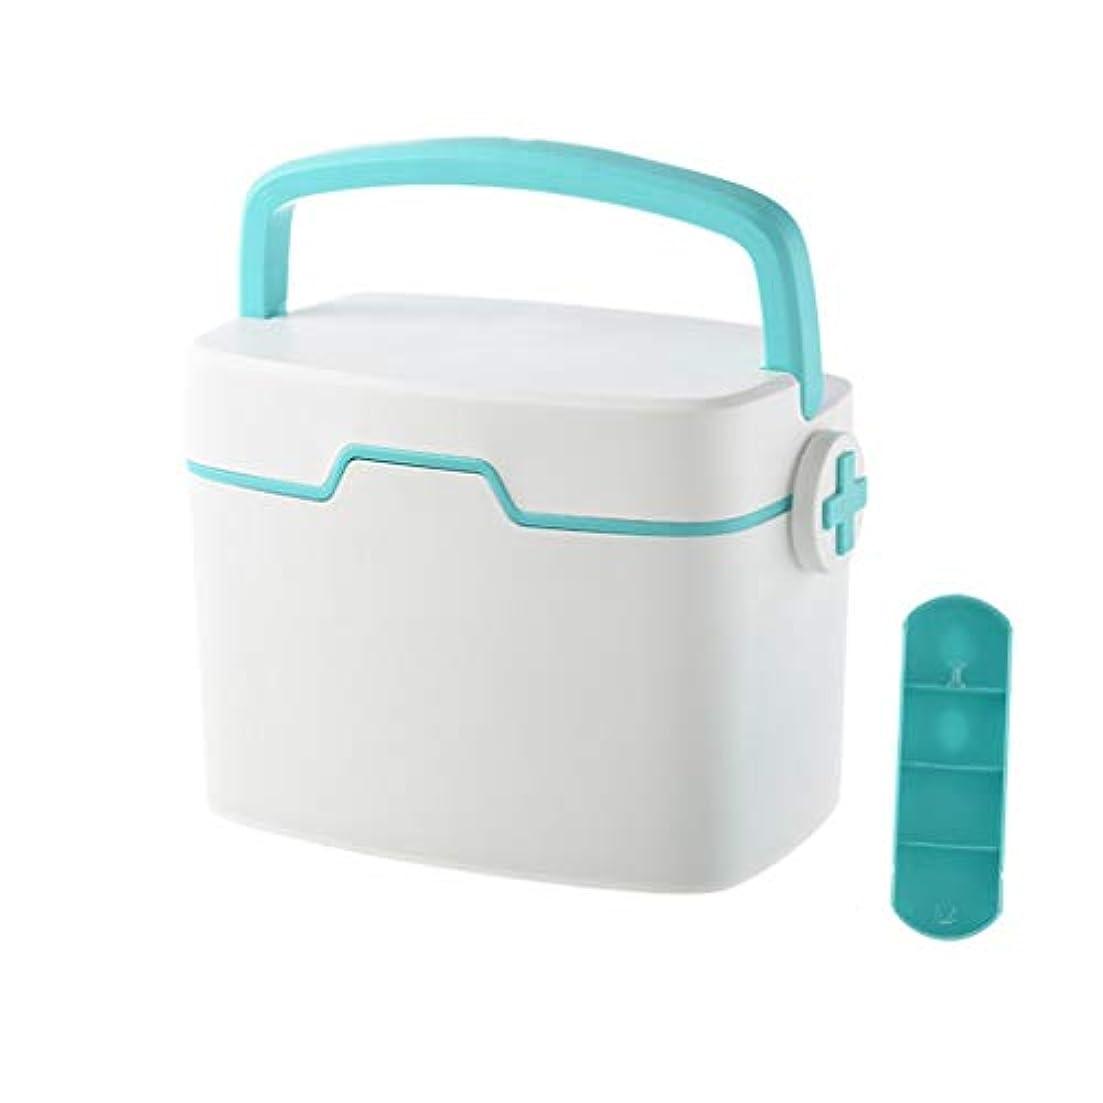 受付フォーマット不明瞭YANGBM 救急箱が付いている薬の収納箱と荷を積まれる多層容量家族の薬箱薬箱フルセット (Color : Green)